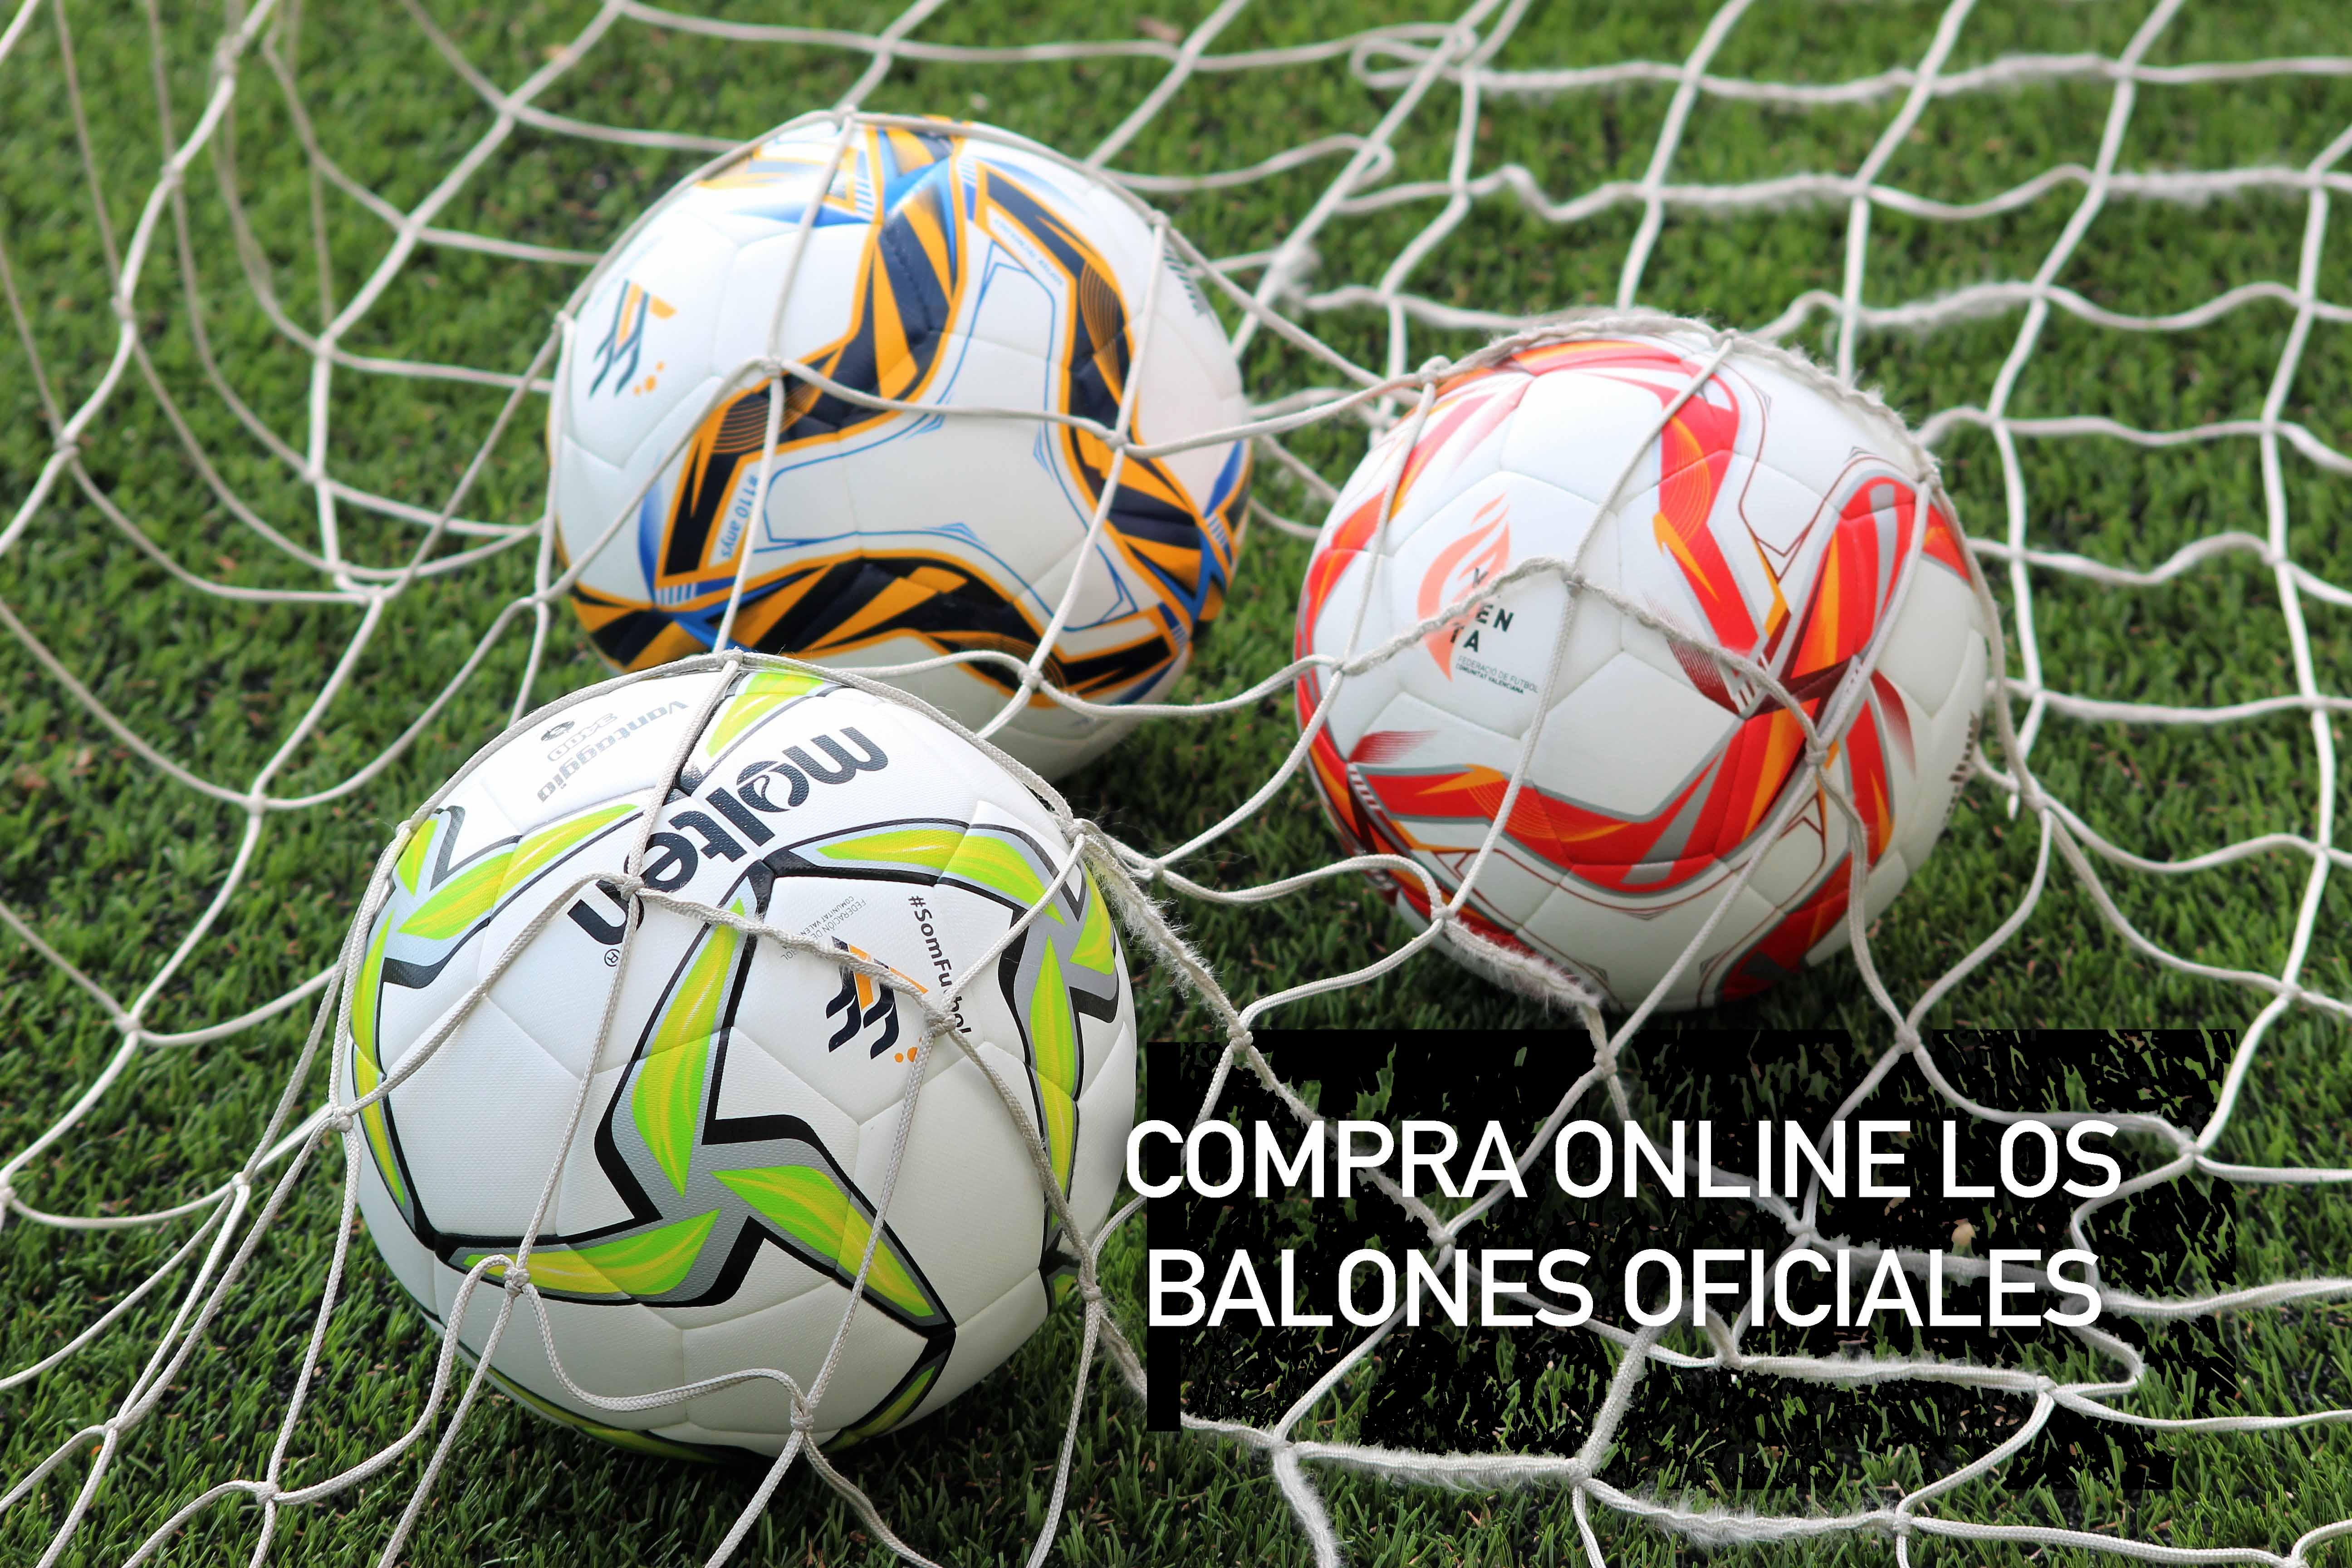 Compra online balones oficiales FFCV